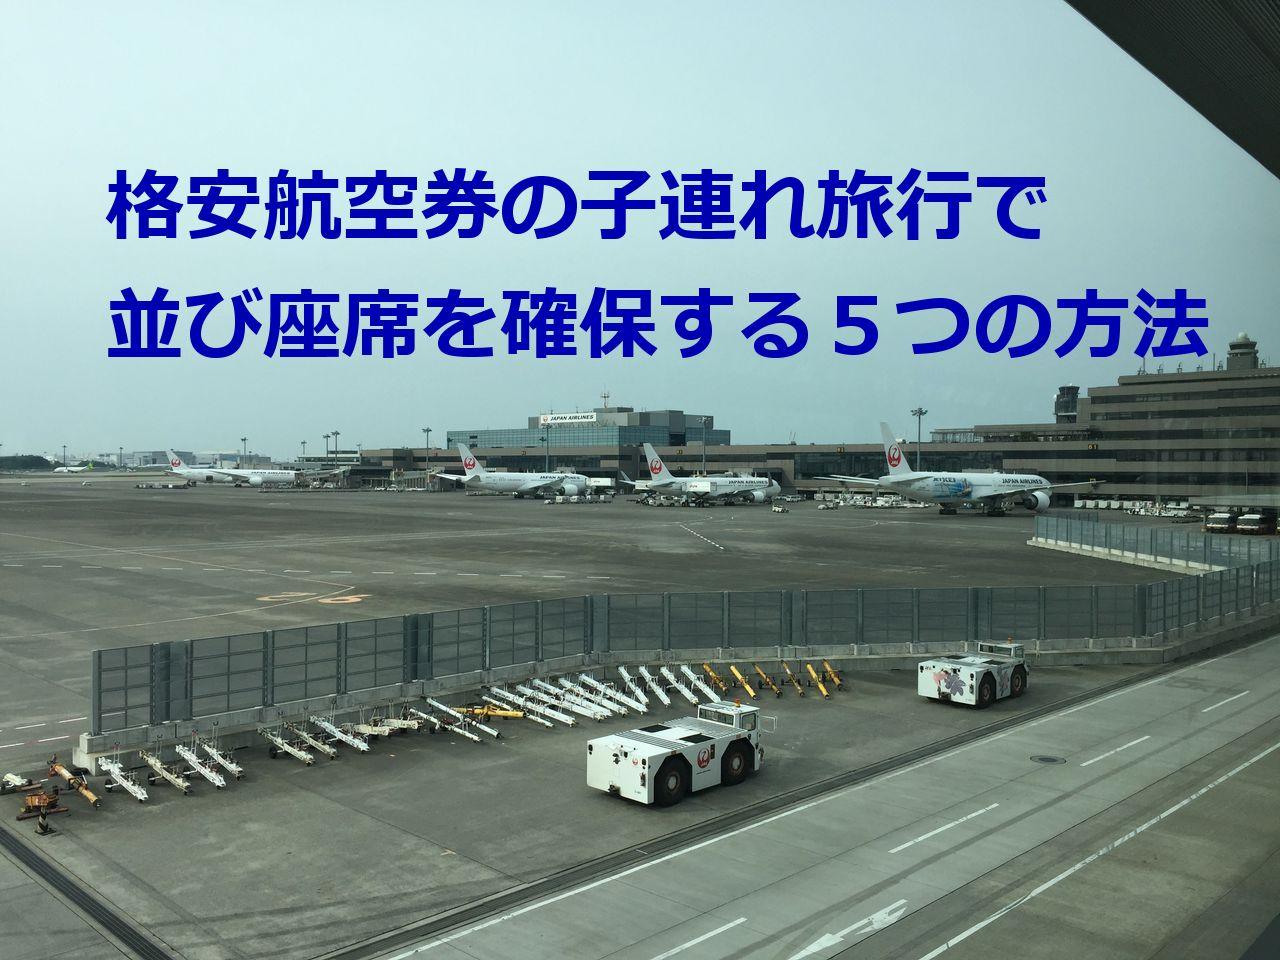 格安航空券の子連れ旅行で並び席を確保するための5つの方法